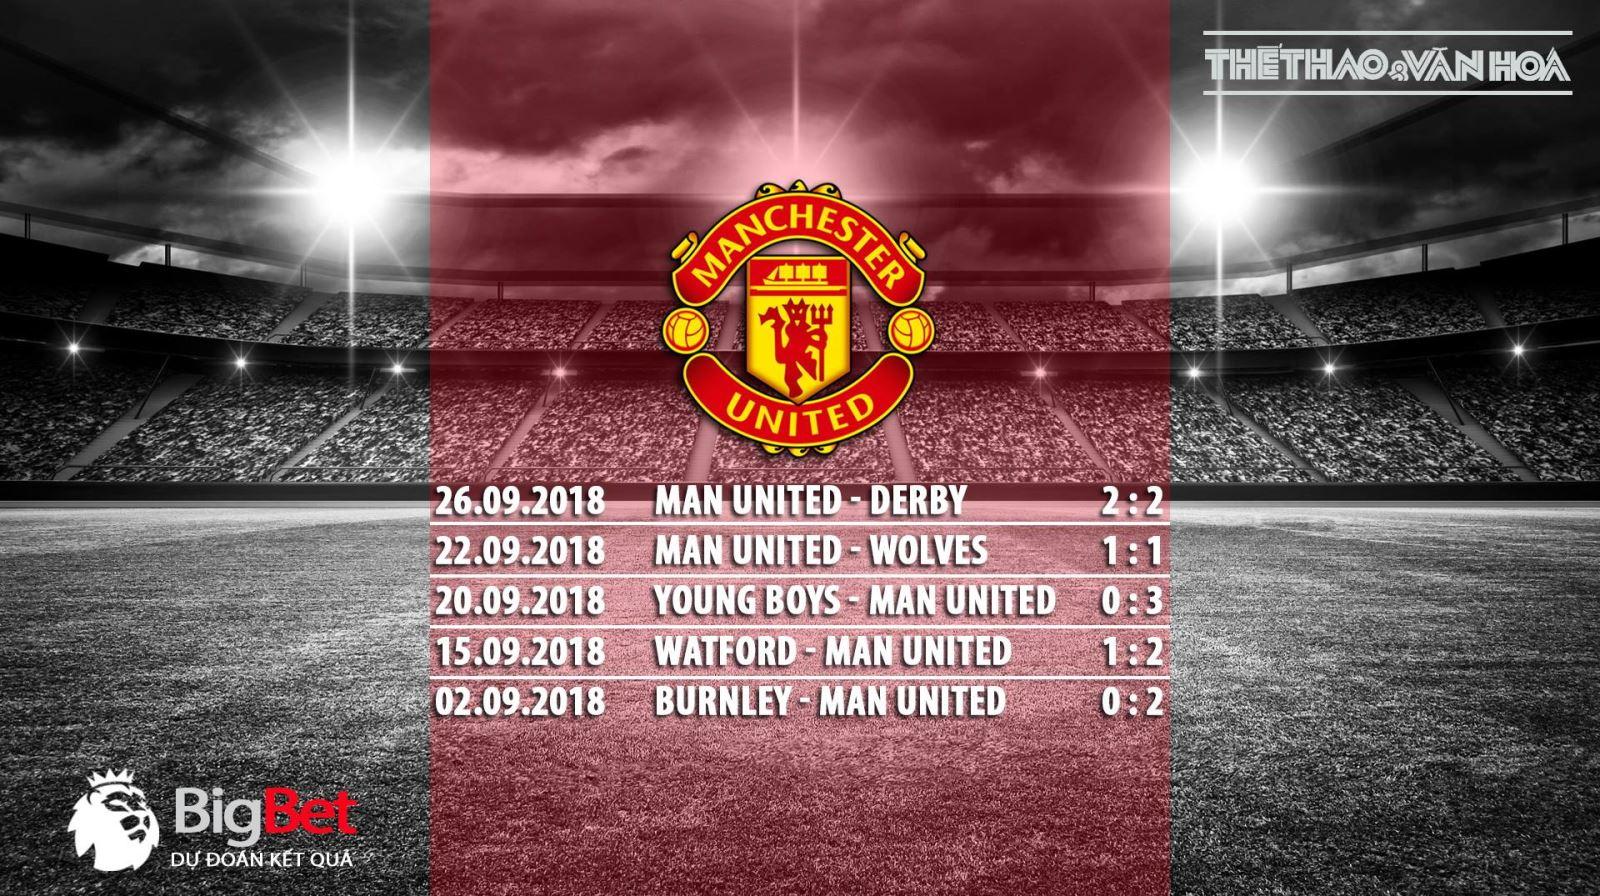 MU, Manchester United, kèo MU, soi kèo MU, dự đoán bóng đá, West Ham vs MU, nhận định chuyên gia, trực tiếp MU, trực tiếp bóng đá, trực tiếp MU vs West Ham, link xem